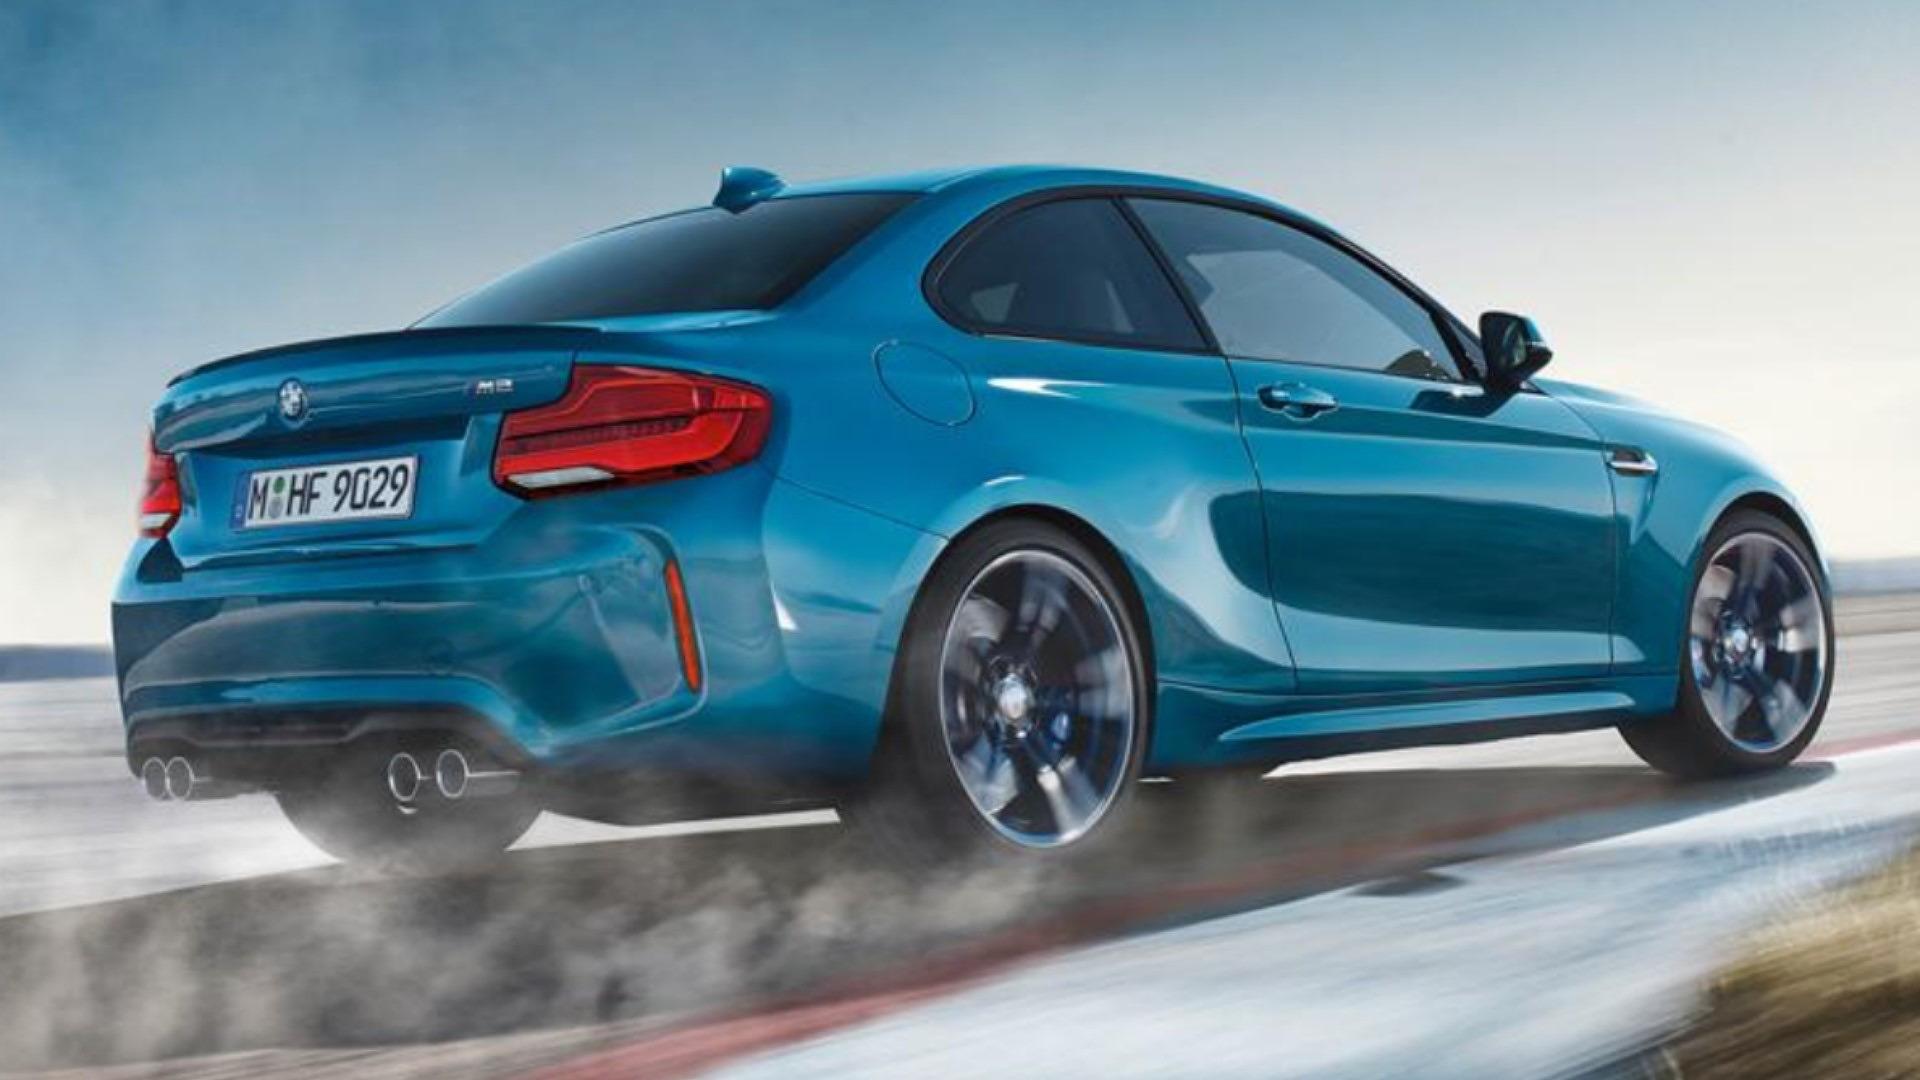 原厂释出 Bmw M2 预览图,变化极微,新头尾灯组设计。 2018 Bmw M2 Facelift 2